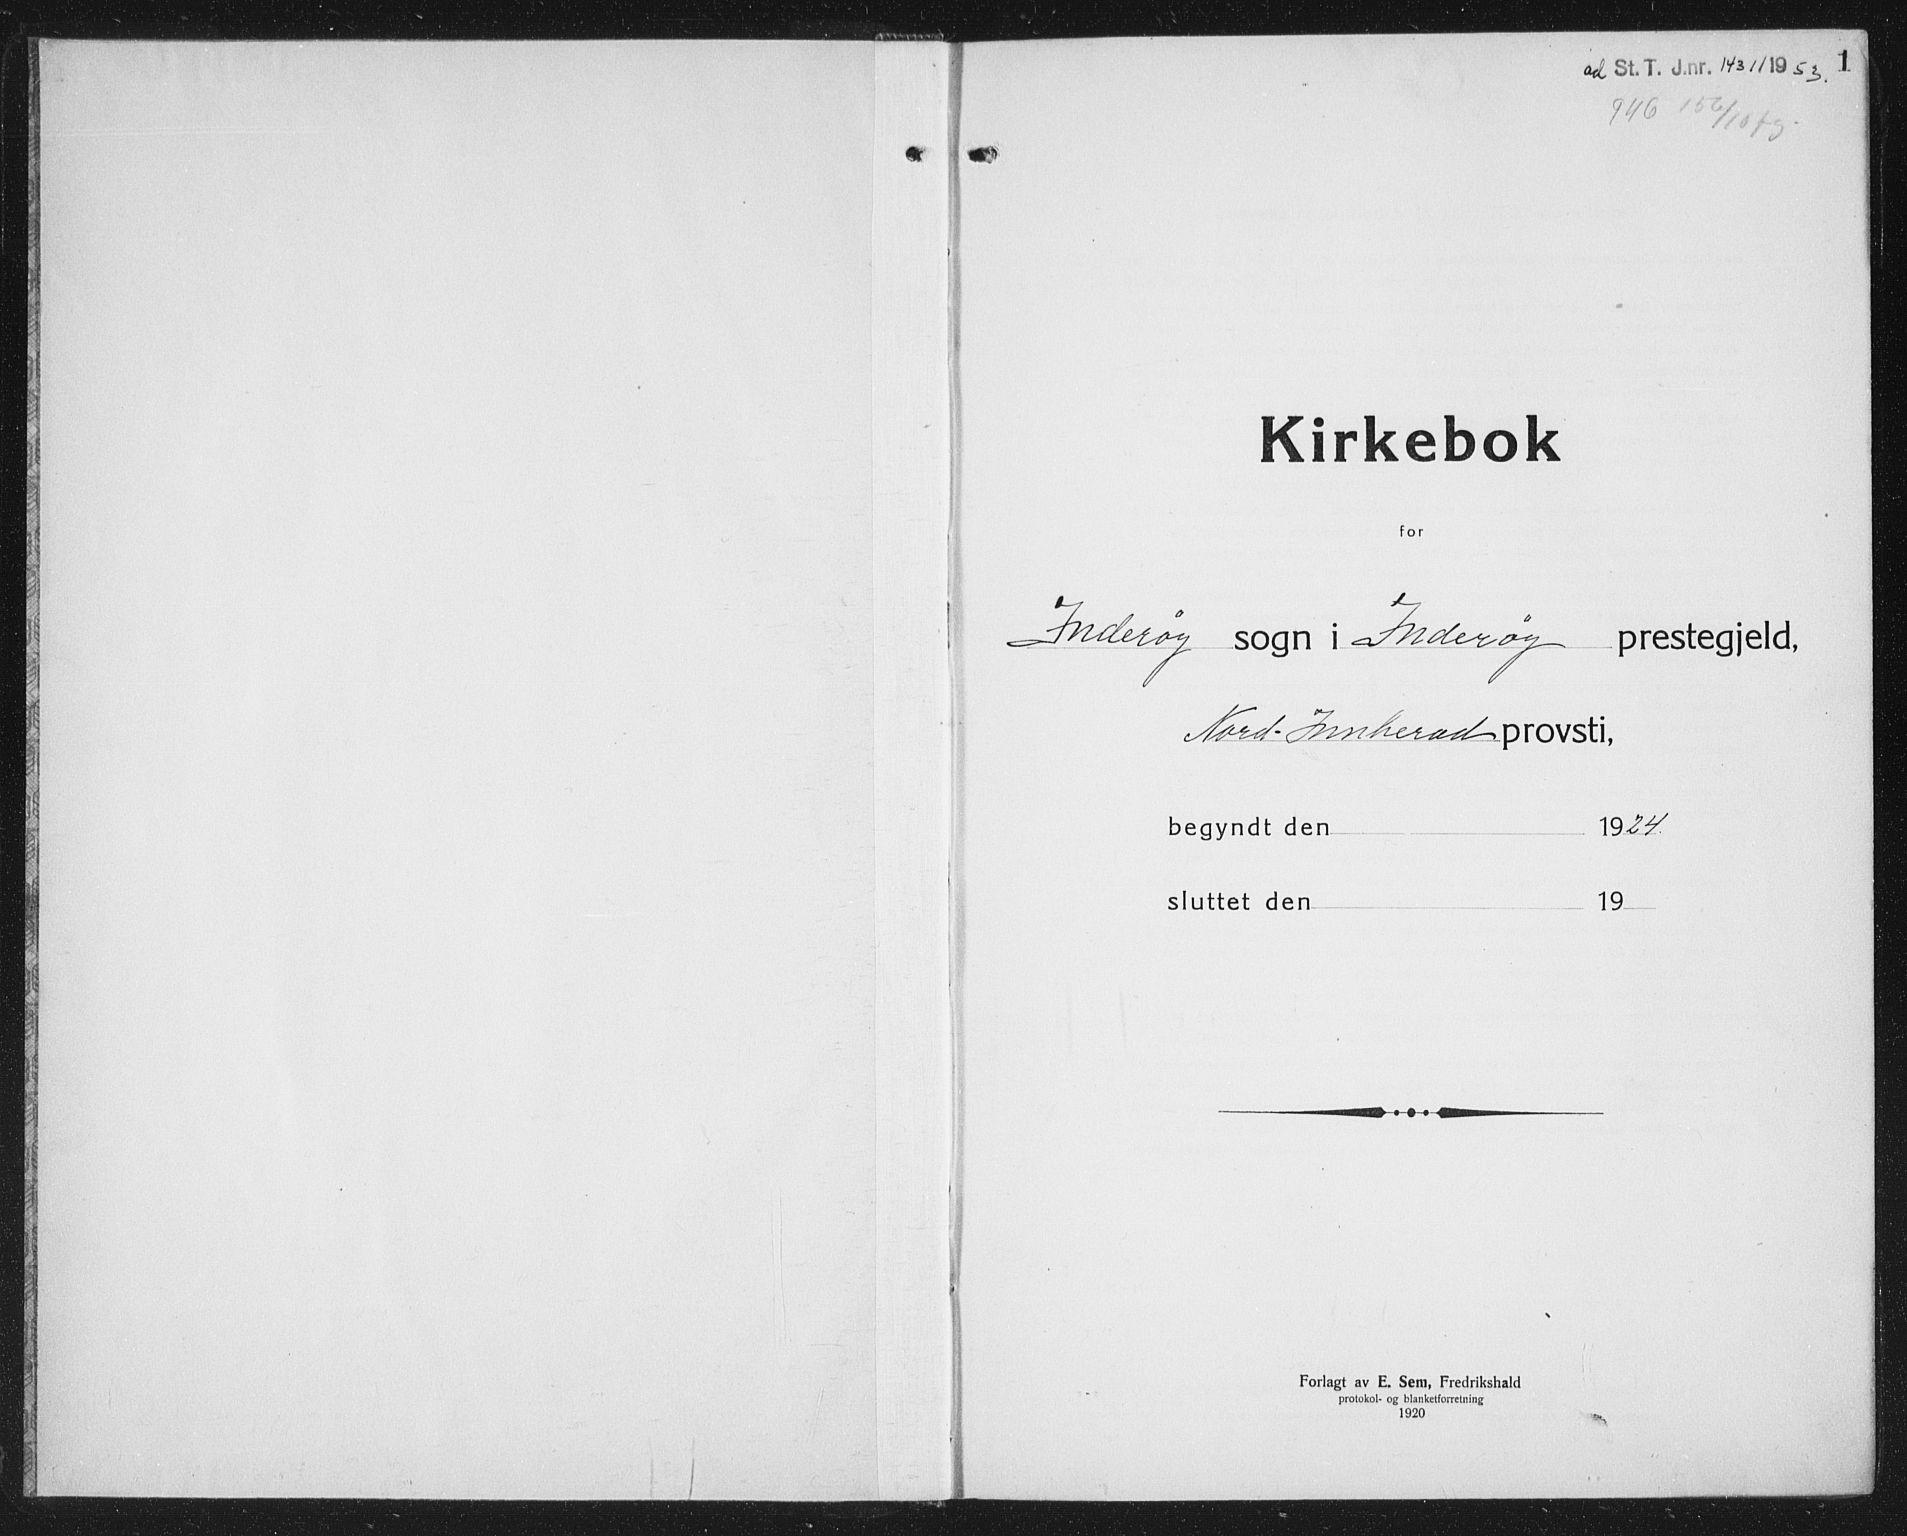 SAT, Ministerialprotokoller, klokkerbøker og fødselsregistre - Nord-Trøndelag, 730/L0303: Klokkerbok nr. 730C06, 1924-1933, s. 1